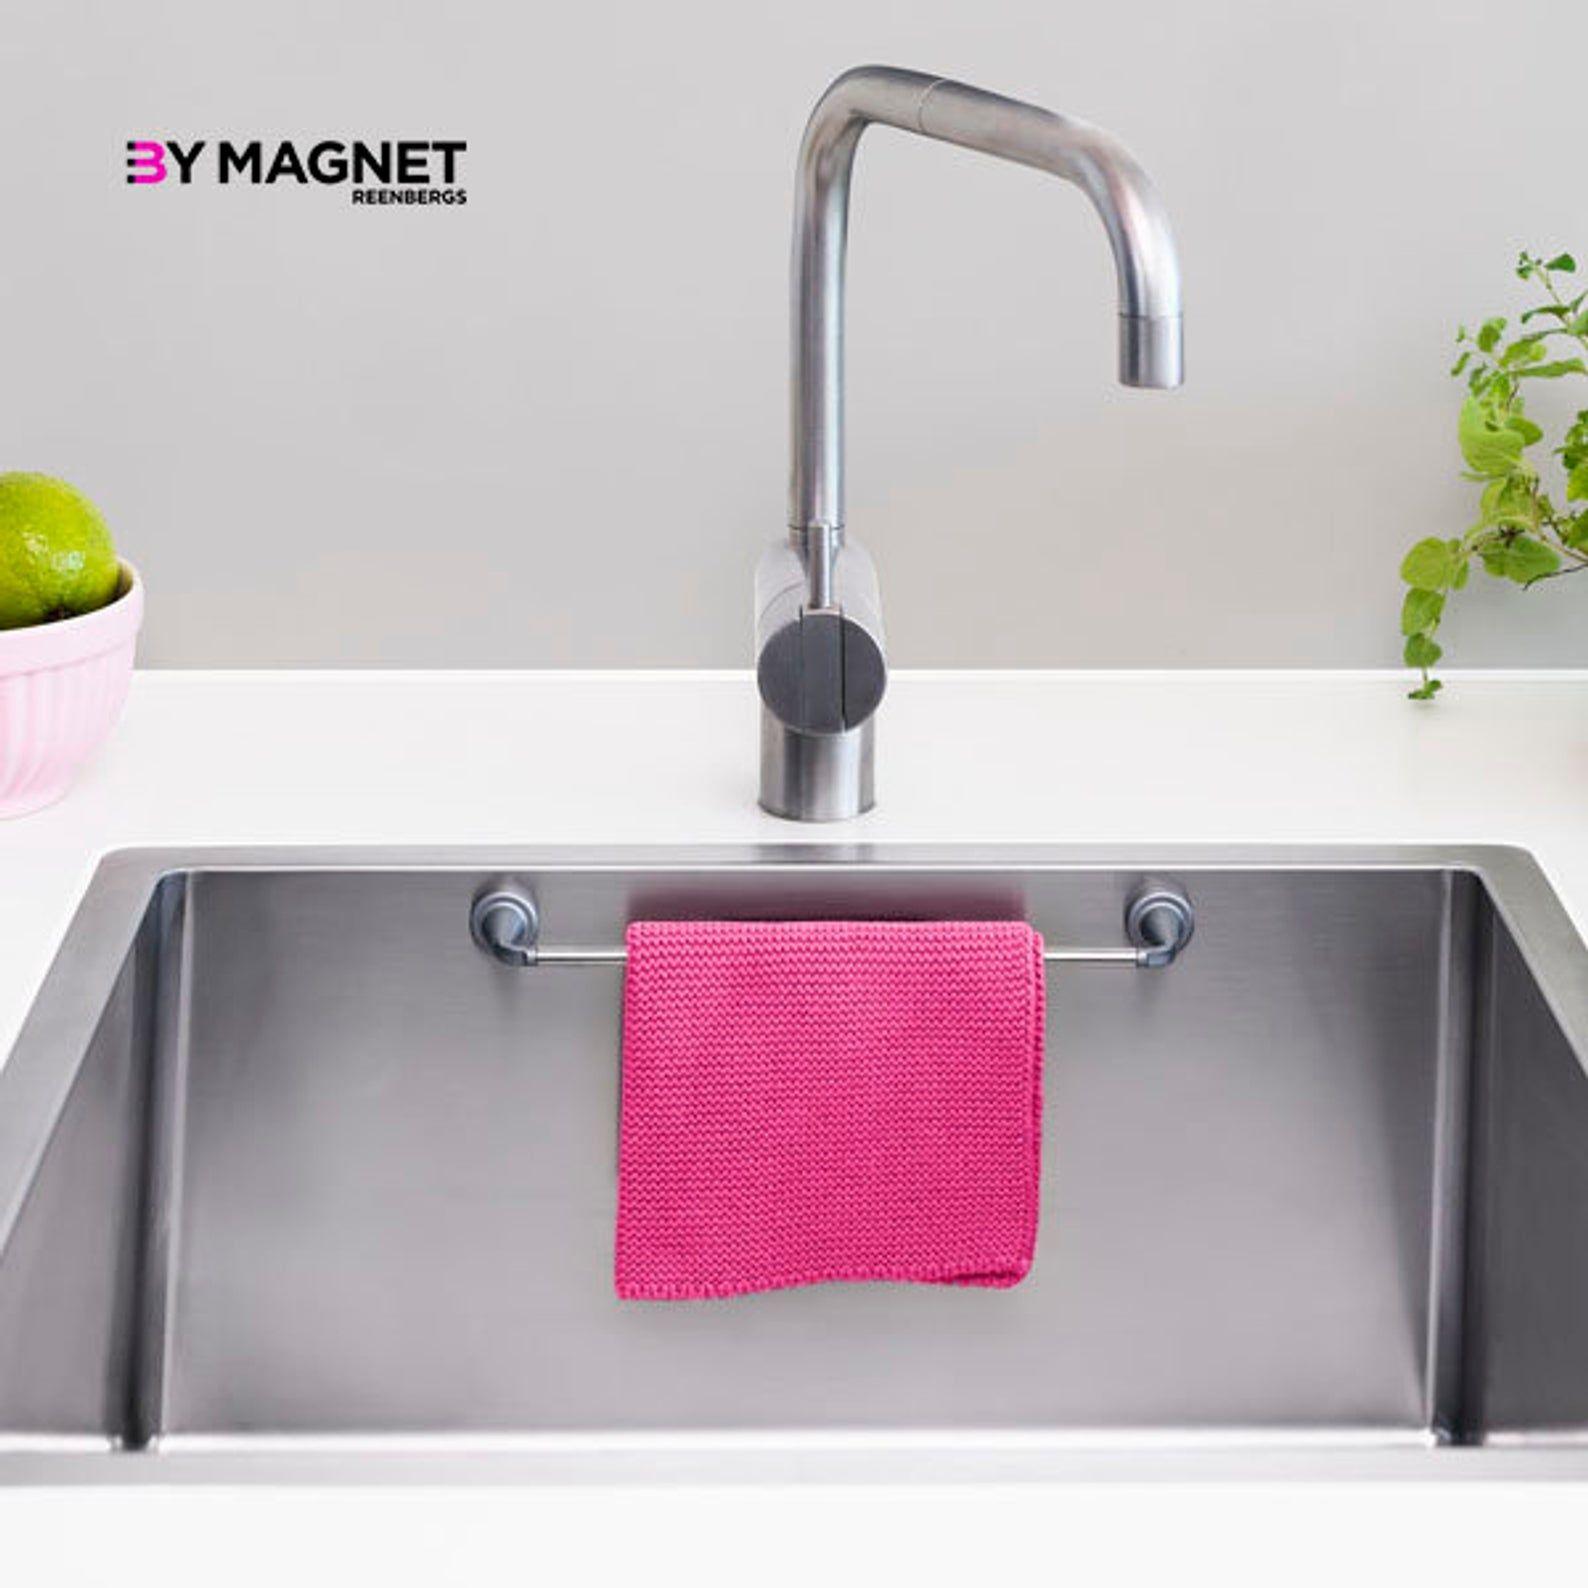 Magnetic Dishcloth Holder Etsy Sink Dish Rag Holder Sponge Holder